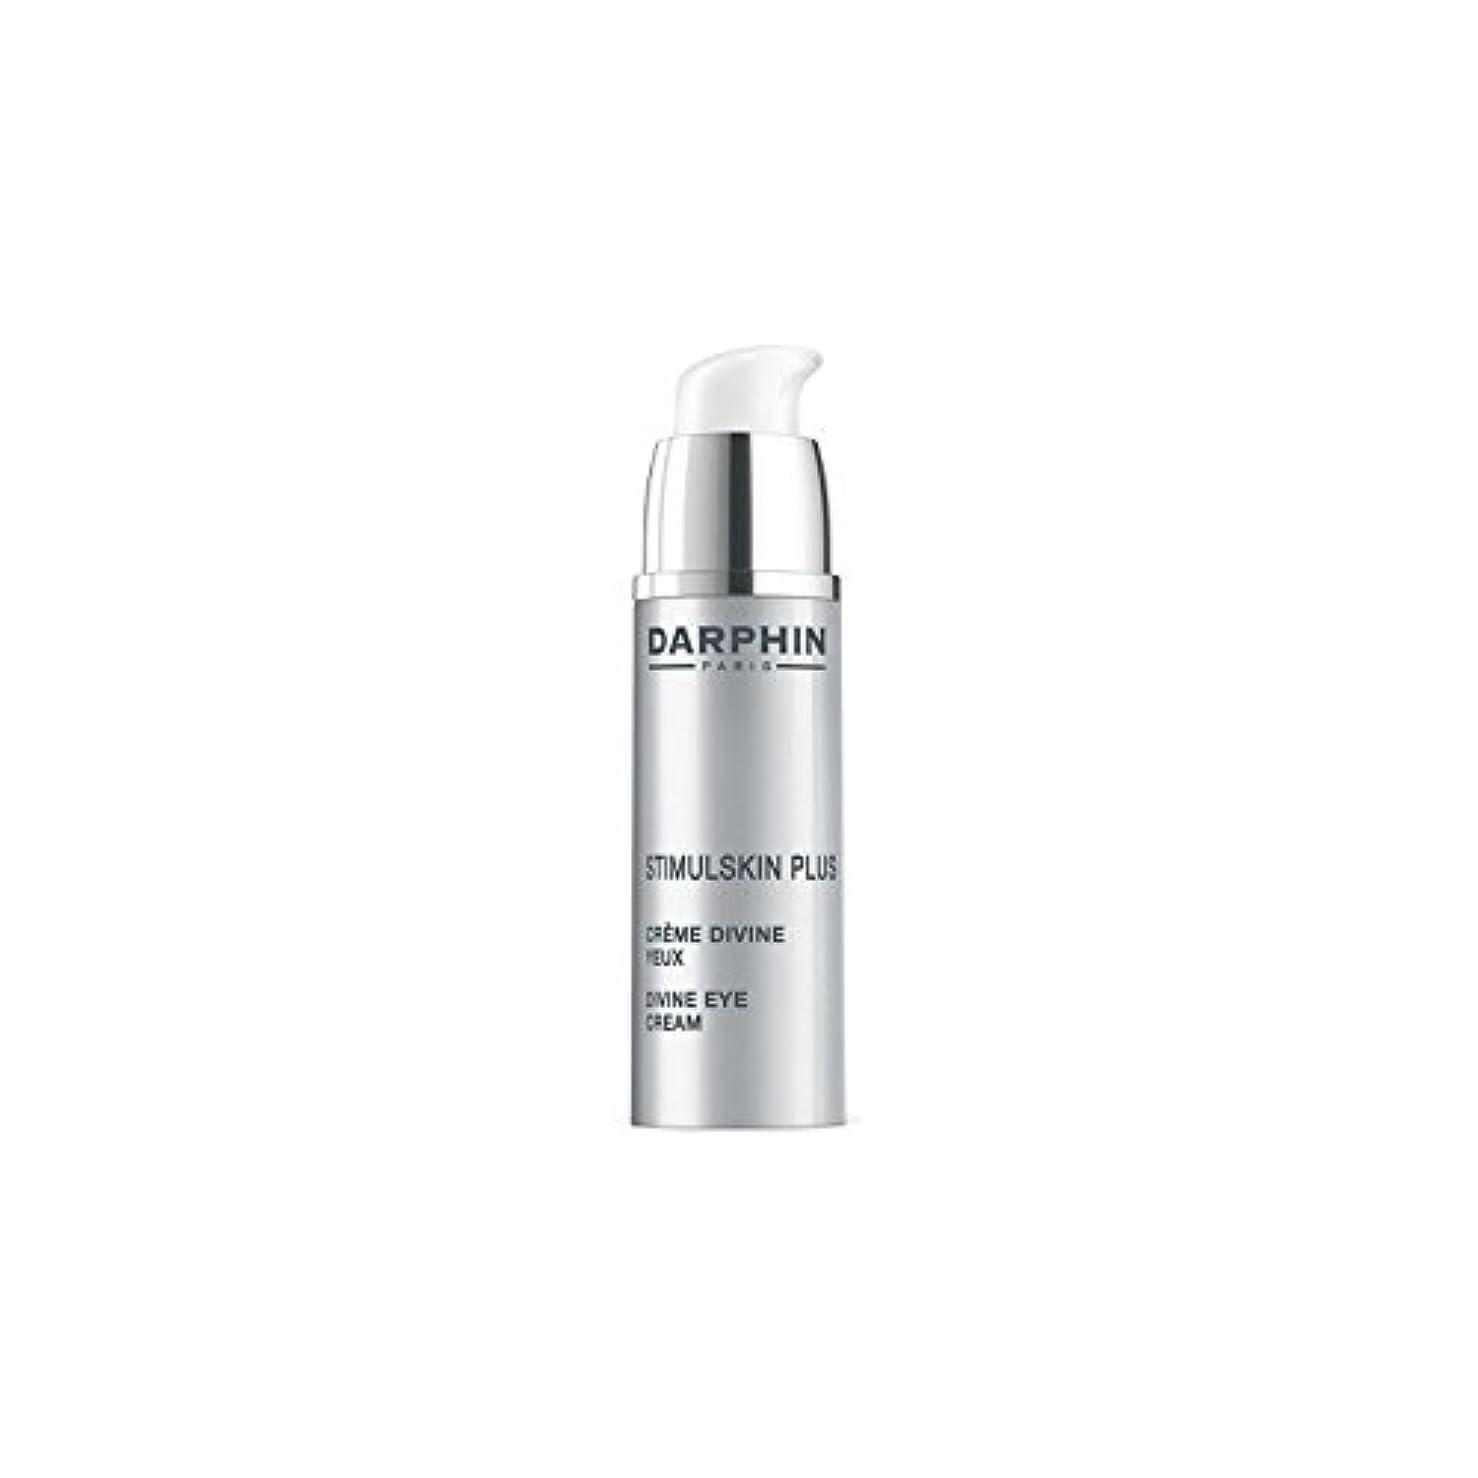 伝統輸送メロドラマダルファンスティプラス神の照明アイクリーム(15ミリリットル) x2 - Darphin Stimulskin Plus Divine Illuminating Eye Cream (15ml) (Pack of 2)...